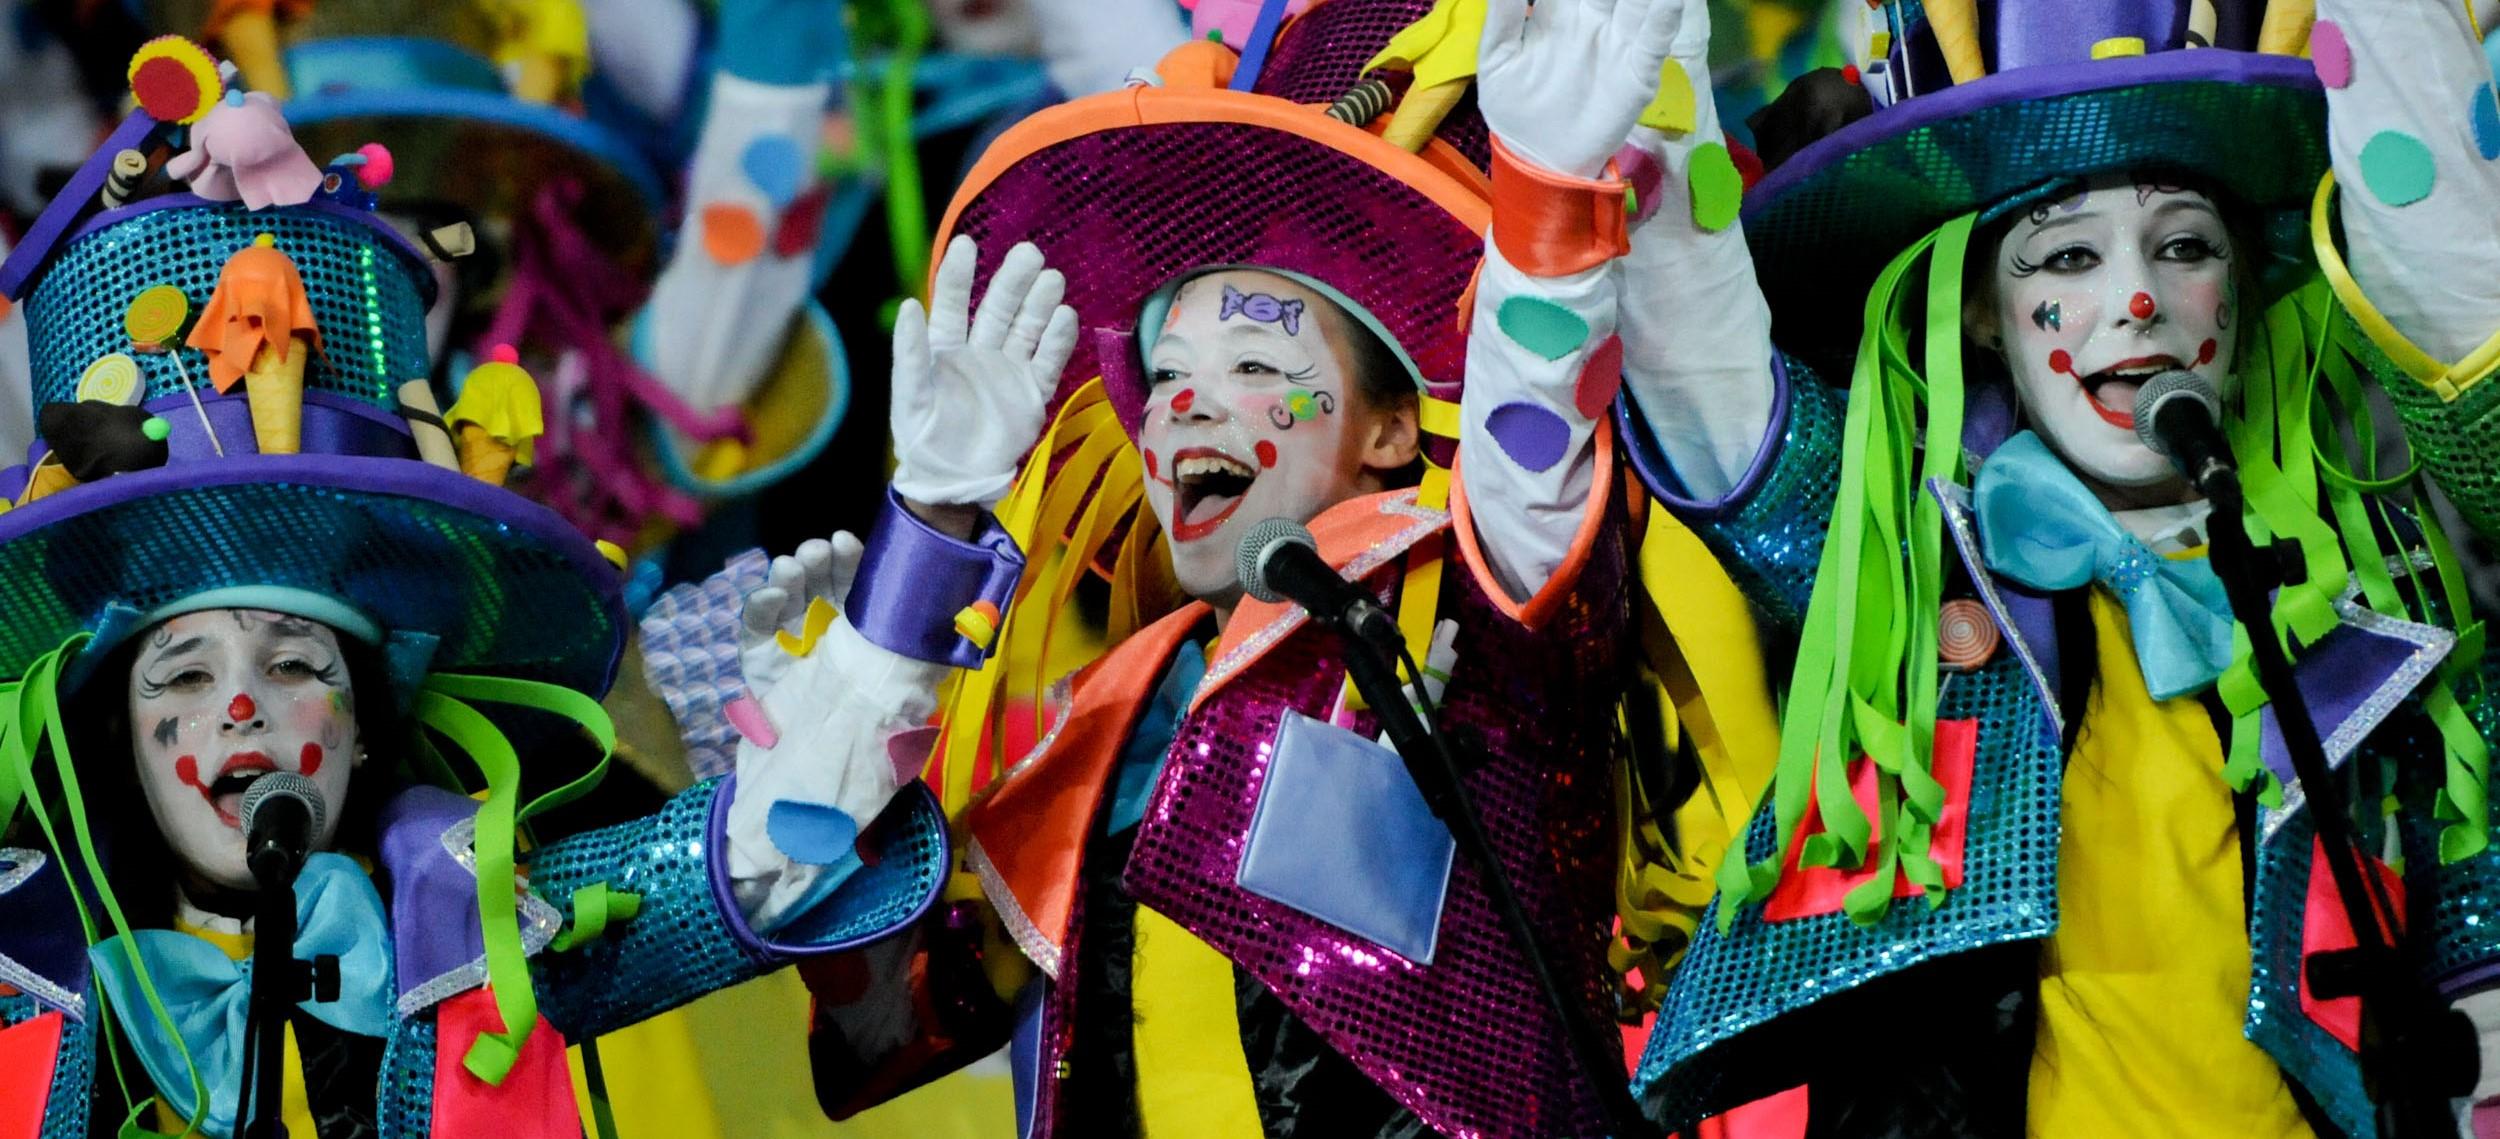 Programación del Carnaval de Castillos 2019!